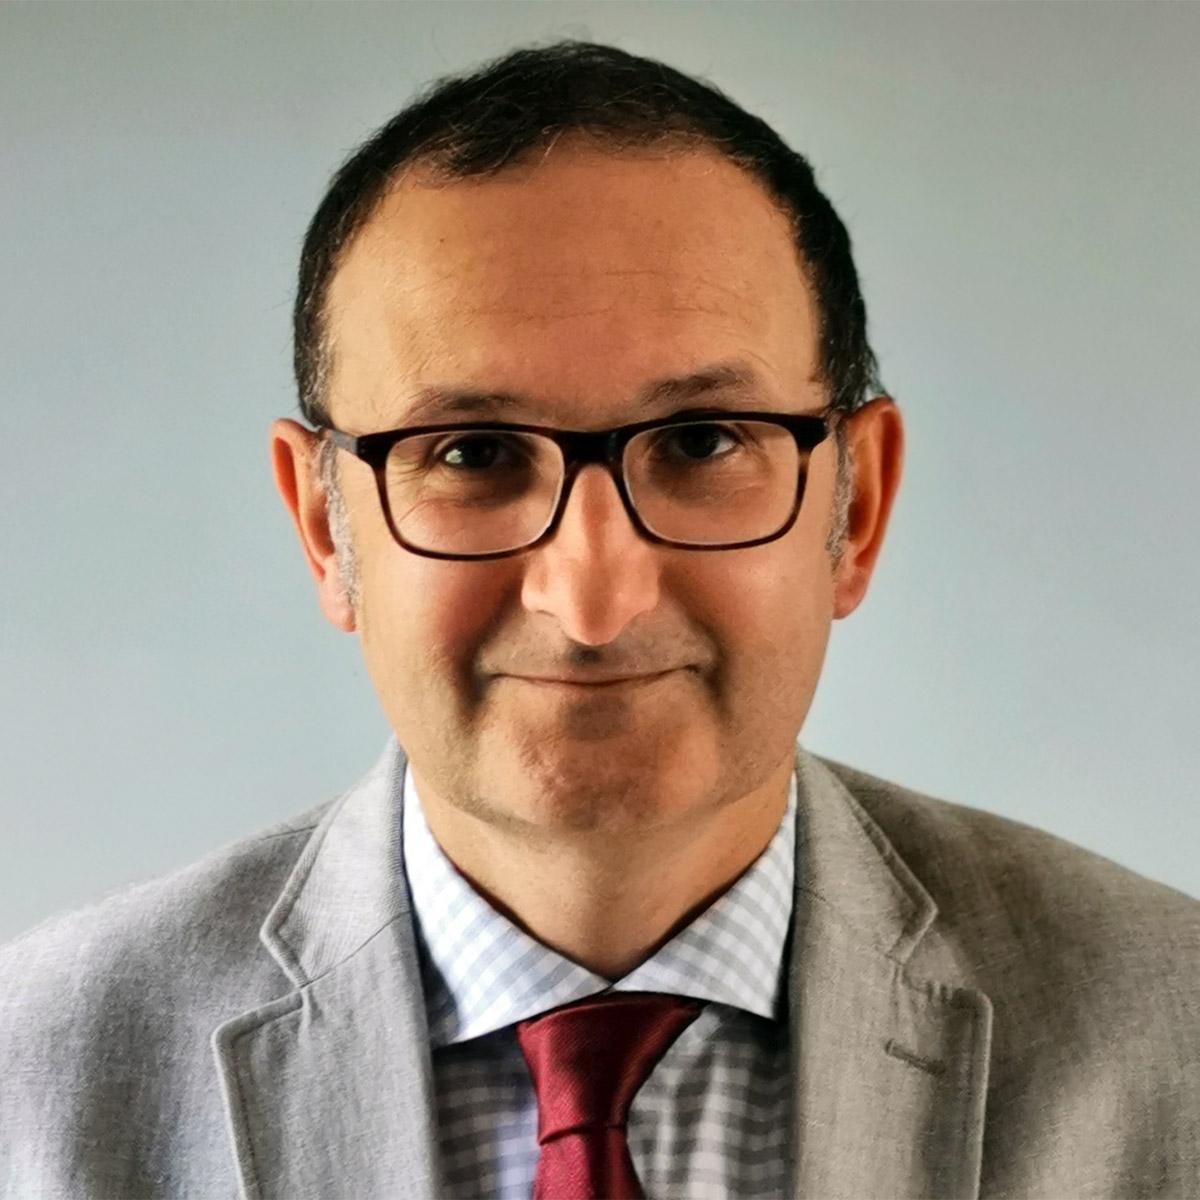 Roberto Ercole